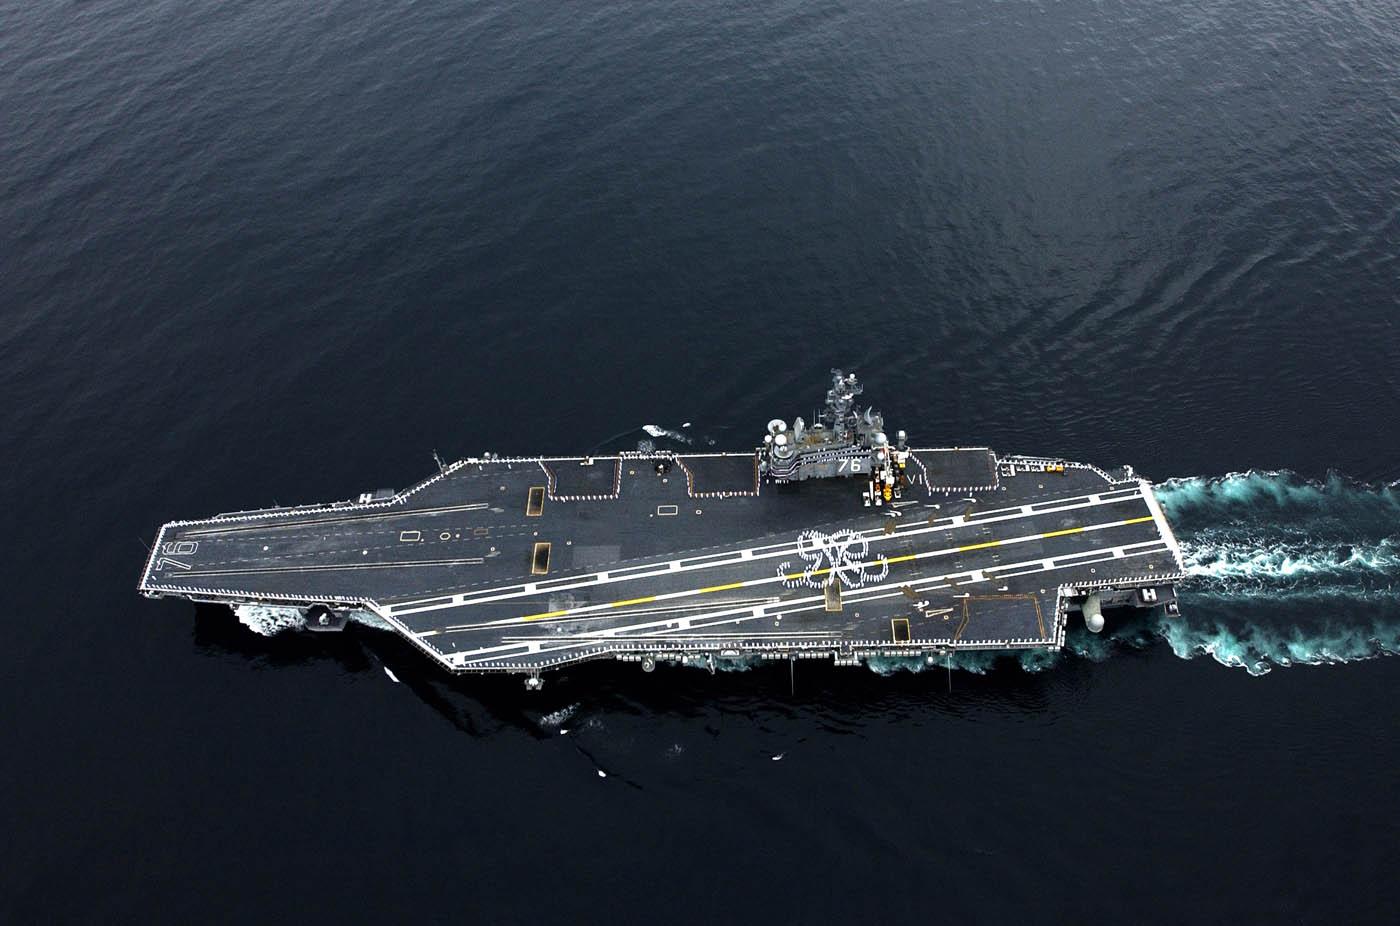 美国最强航母罗纳德 里根号